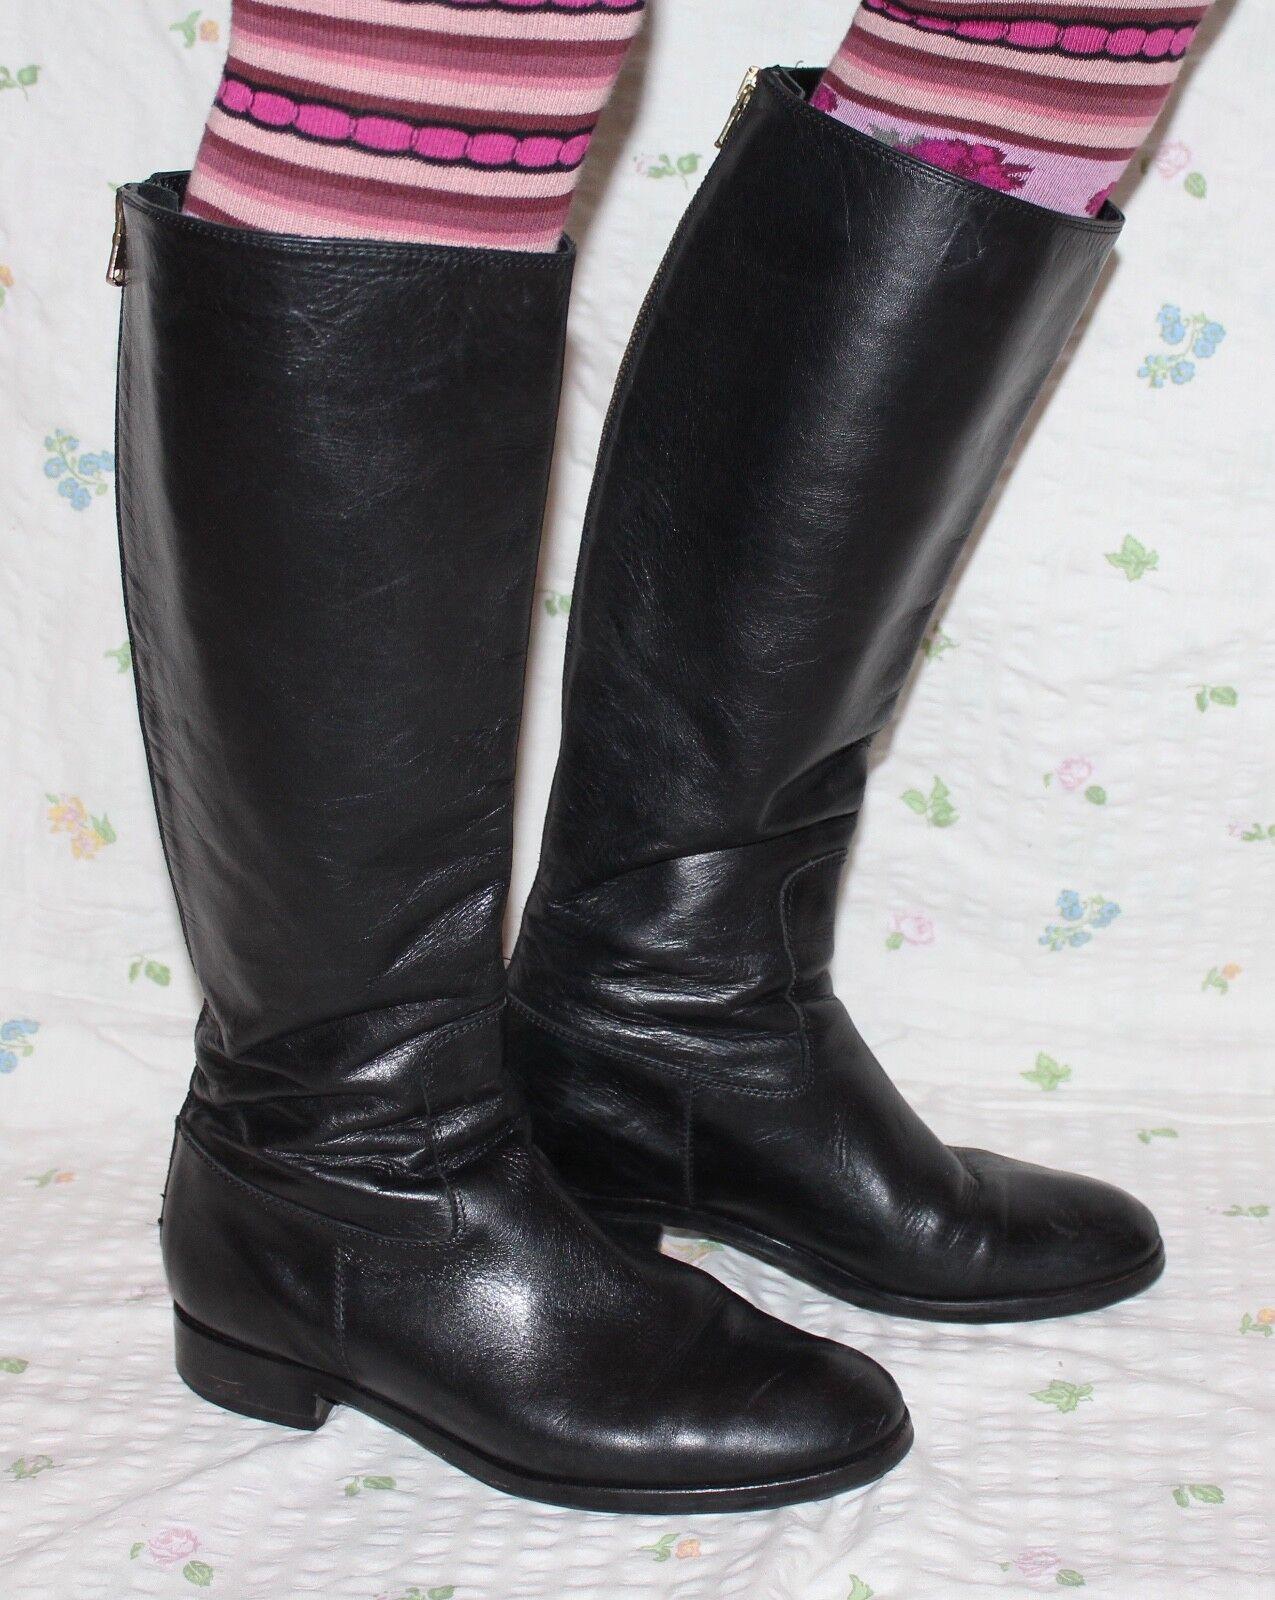 80er Vintage Leder Stiefel 39 80s true VTG Leder BOOTS UK6 schwarz Echtleder